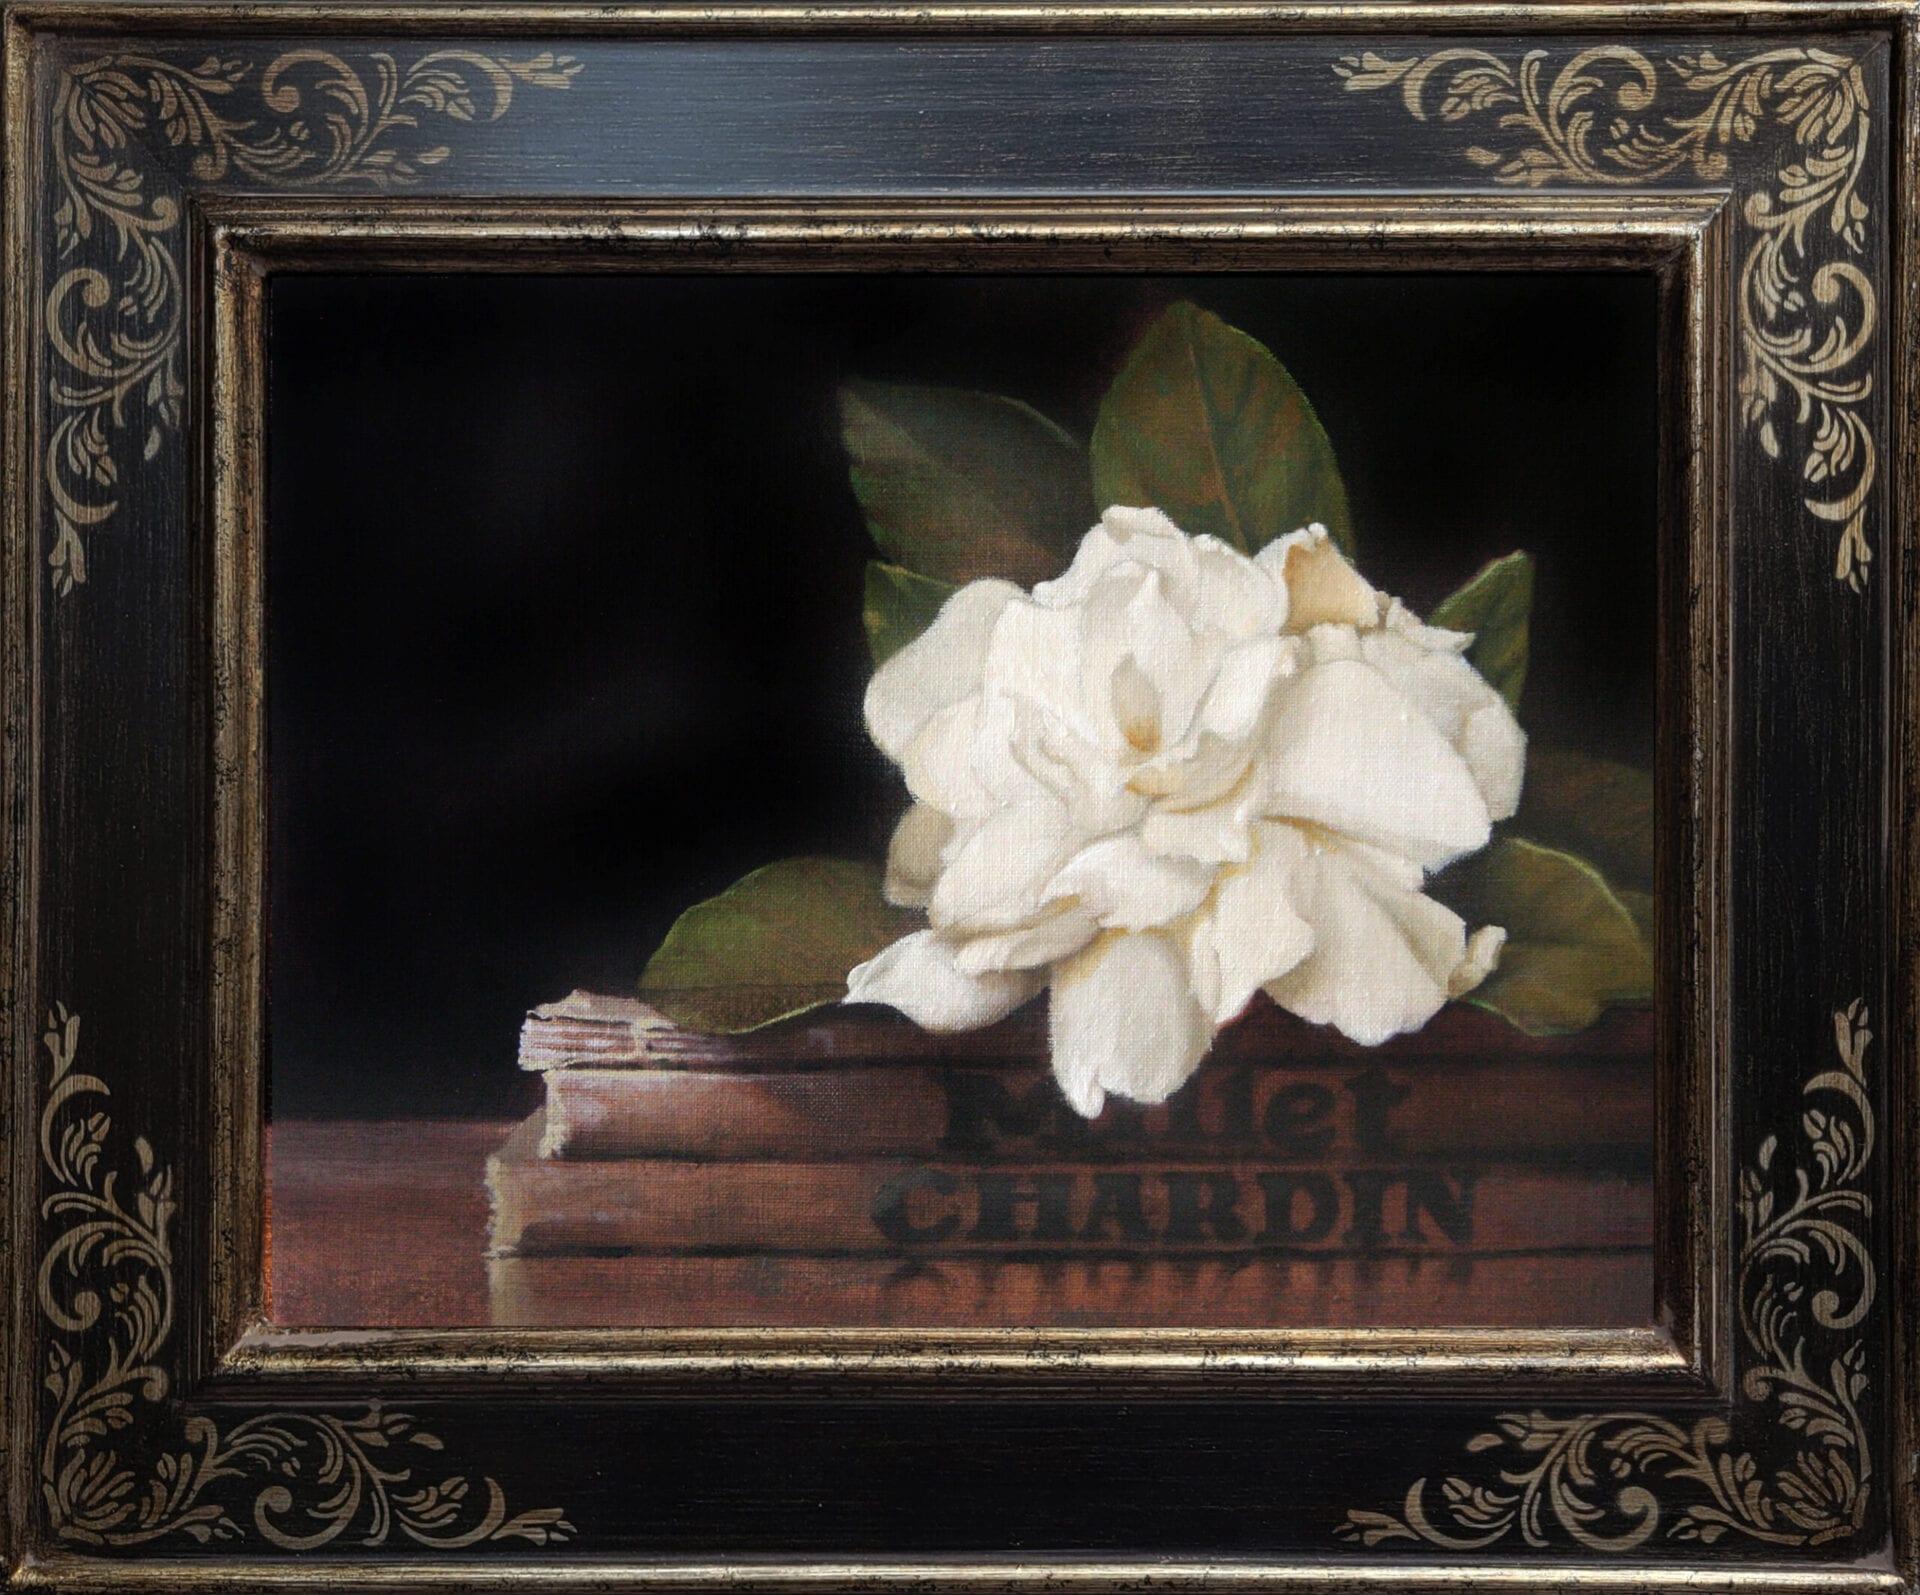 Adams_Gardenia_with_Chardin_9x12_Frame